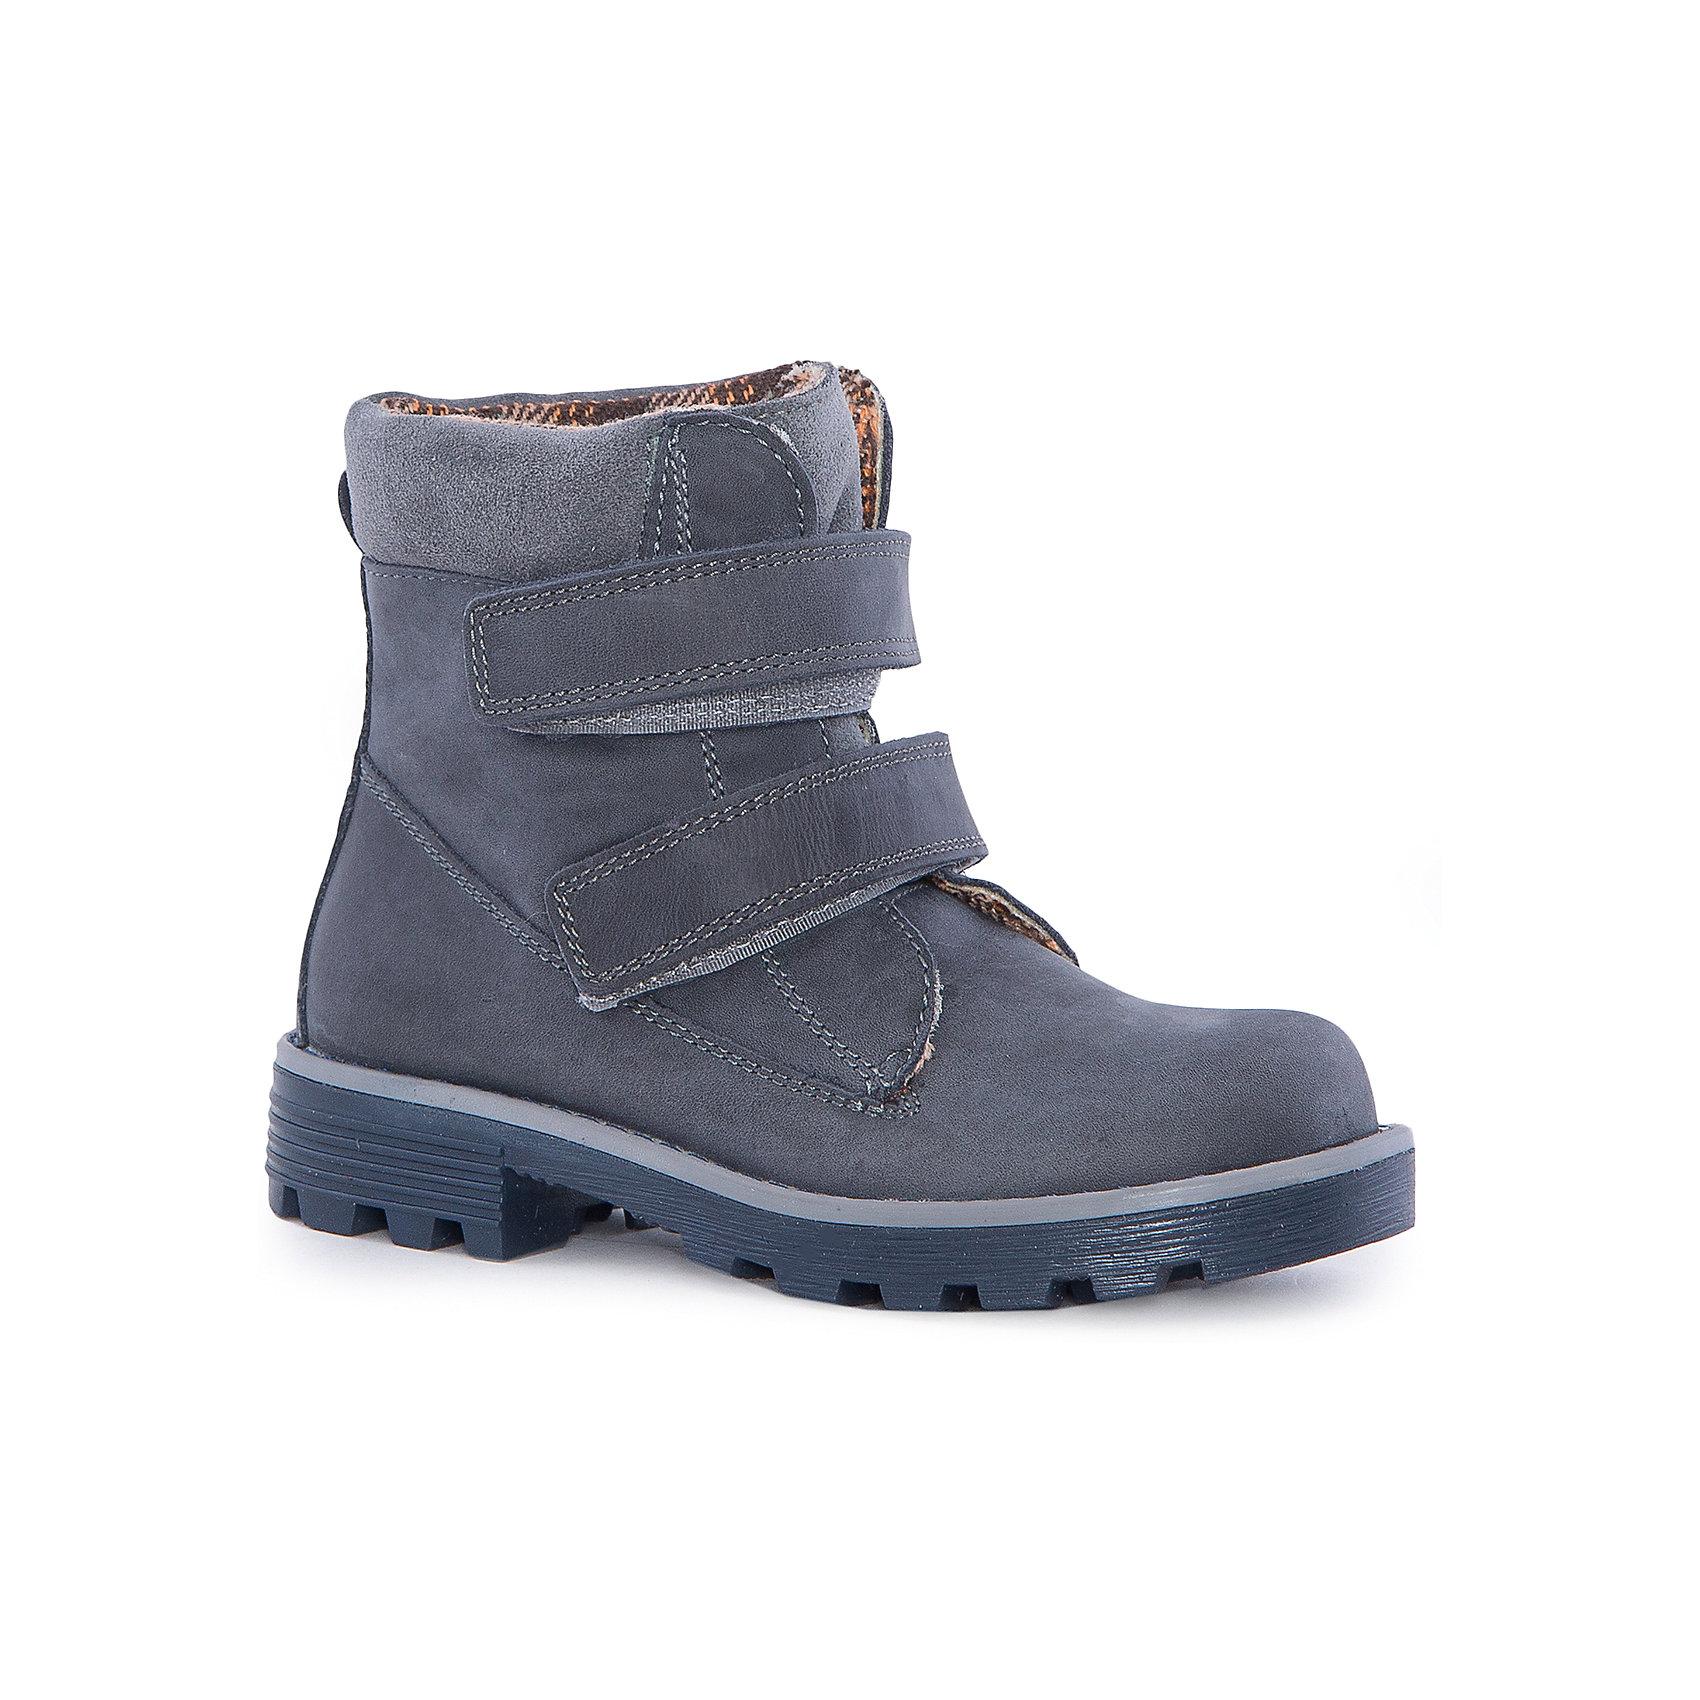 Ботинки для мальчика КотофейБотинки для мальчика Котофей.<br><br>Характеристики:<br><br>- Внешний материал: натуральная кожа<br>- Внутренний материал: байка<br>- Стелька: байка<br>- Подошва: ТЭП<br>- Тип застежки: липучки<br>- Вид крепления обуви: клеевой<br>- Температурный режим до -10С<br>- Цвет: синий<br>- Сезон: весна, осень<br>- Пол: для мальчиков<br><br>Стильные ботинки для мальчика торговой марки Котофей - идеальная обувь для межсезонья. Верх – дышащая натуральная кожа (натуральный бук) с гидрофобной пропиткой. Подкладка – утеплённая, из полушерстяной байки. Мягкий манжет из велюра создаёт комфорт при ходьбе и предотвращает натирание ножки ребенка. Подошва с каблучком выполнена из термоэластопласта – легкого, прочного материала, обладающего отличным амортизирующим эффектом и не теряющего своих свойств при понижении температур. Удобные застежки липучки надежно фиксируют обувь на стопе и позволяют обувать и снимать её легко и быстро. Дизайн ботинок соответствует последним европейским тенденциям и придаёт этой модели эффектный внешний вид. Детская обувь «Котофей» качественна, красива, добротна, комфортна и долговечна. Она производится на Егорьевской обувной фабрике. Жесткий контроль производства и постоянное совершенствование технологий при многолетнем опыте позволяют считать компанию одним из лидеров среди отечественных производителей детской обуви.<br><br>Ботинки для мальчика Котофей можно купить в нашем интернет-магазине.<br><br>Ширина мм: 262<br>Глубина мм: 176<br>Высота мм: 97<br>Вес г: 427<br>Цвет: синий<br>Возраст от месяцев: 84<br>Возраст до месяцев: 96<br>Пол: Мужской<br>Возраст: Детский<br>Размер: 31,32,33,34,35,30<br>SKU: 5023977